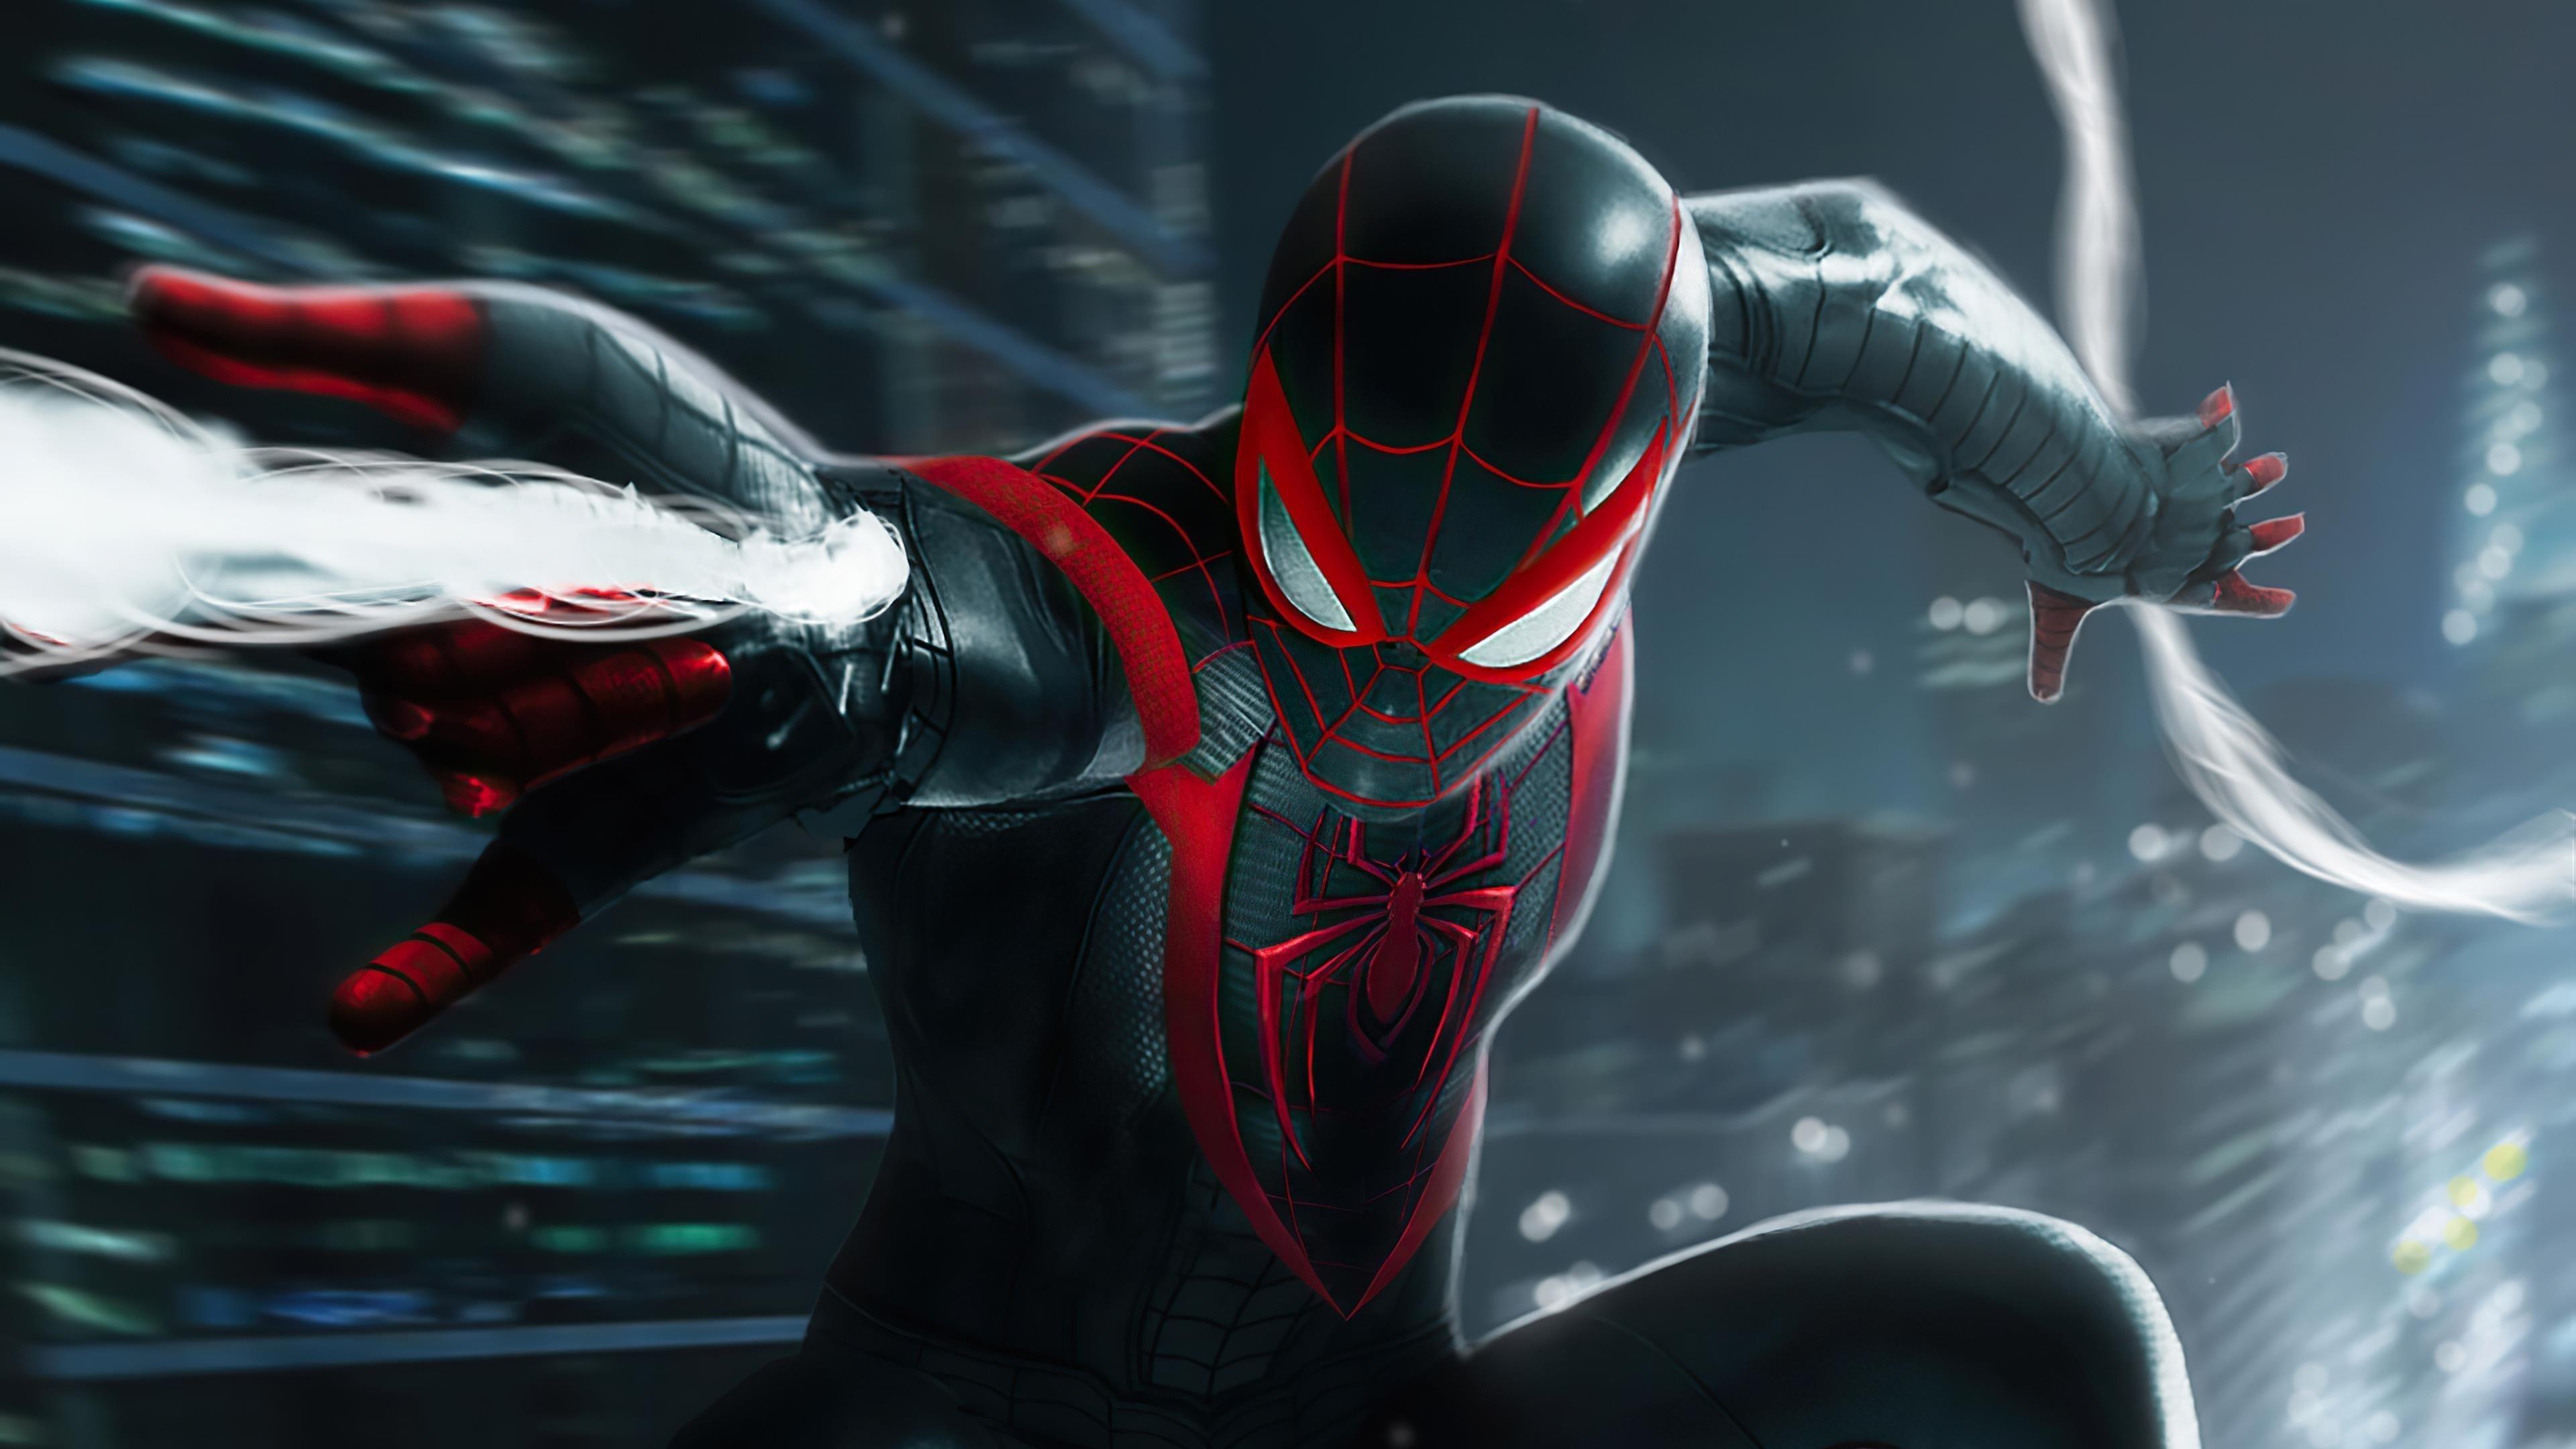 Человек-паук marvel Майлз Моралес атакует обои скачать